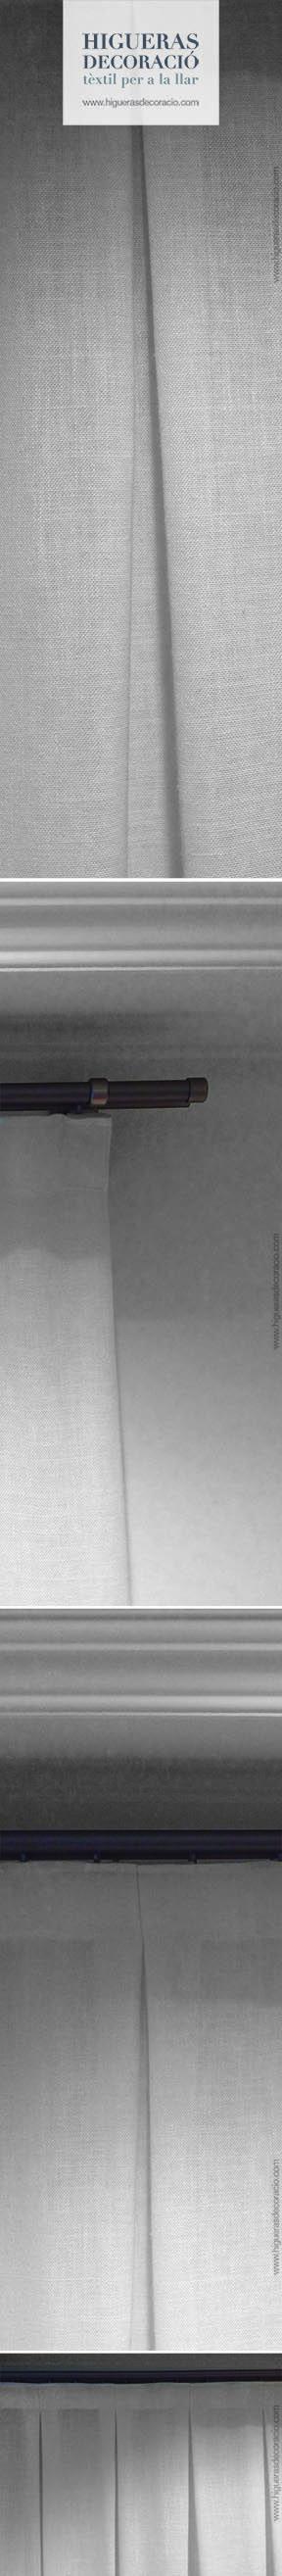 #Barras para cortinas. #Barras decorativas y faciles de instalar. #Cortina confeccionada con pliegues, elegantes y distinguida. #Barres per a cortines. #Barres decoratives i fàcils d'instal·lar. #Cortina confeccionada amb plecs, elegants i distingits. www.higuerasdecoracio.com